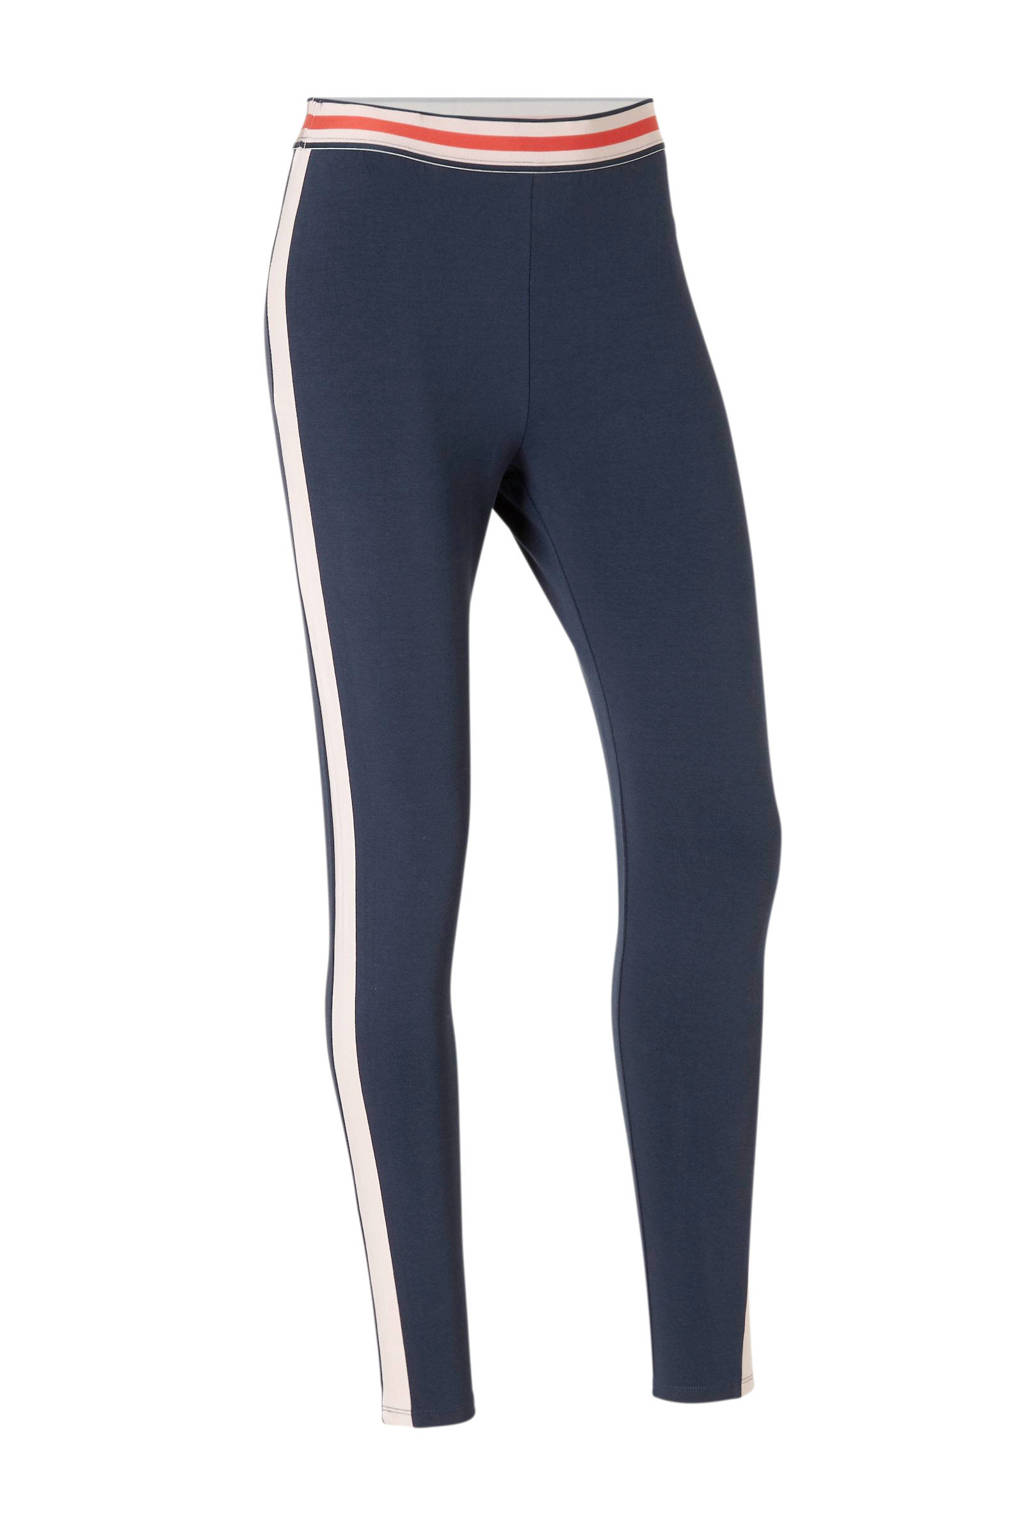 ESPRIT Women Sports sportbroek, Donkerblauw/roze/rood